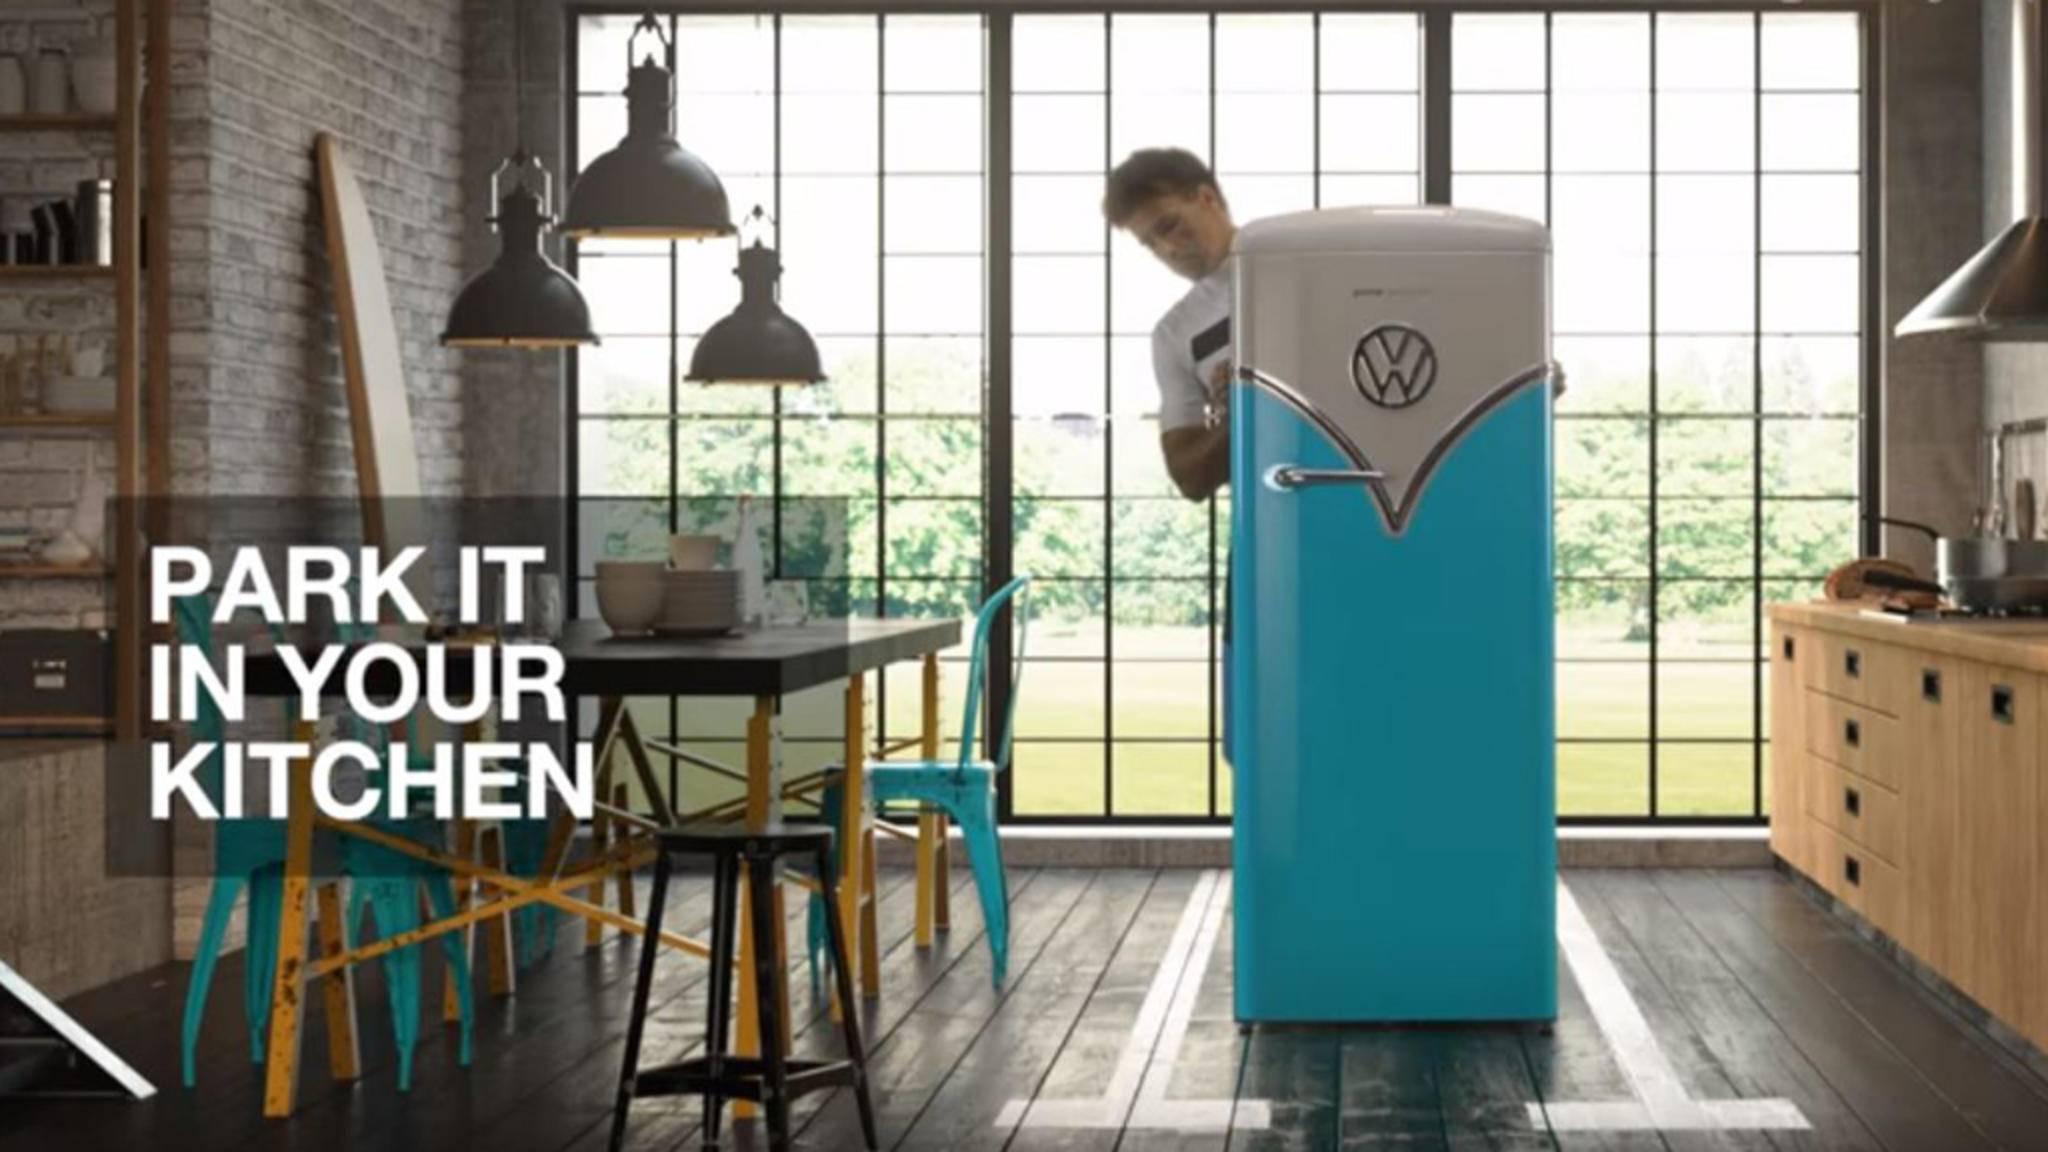 Kühlschrank Gorenje : Dieser kühlschrank im vw bus design bringt deine küche in fahrt